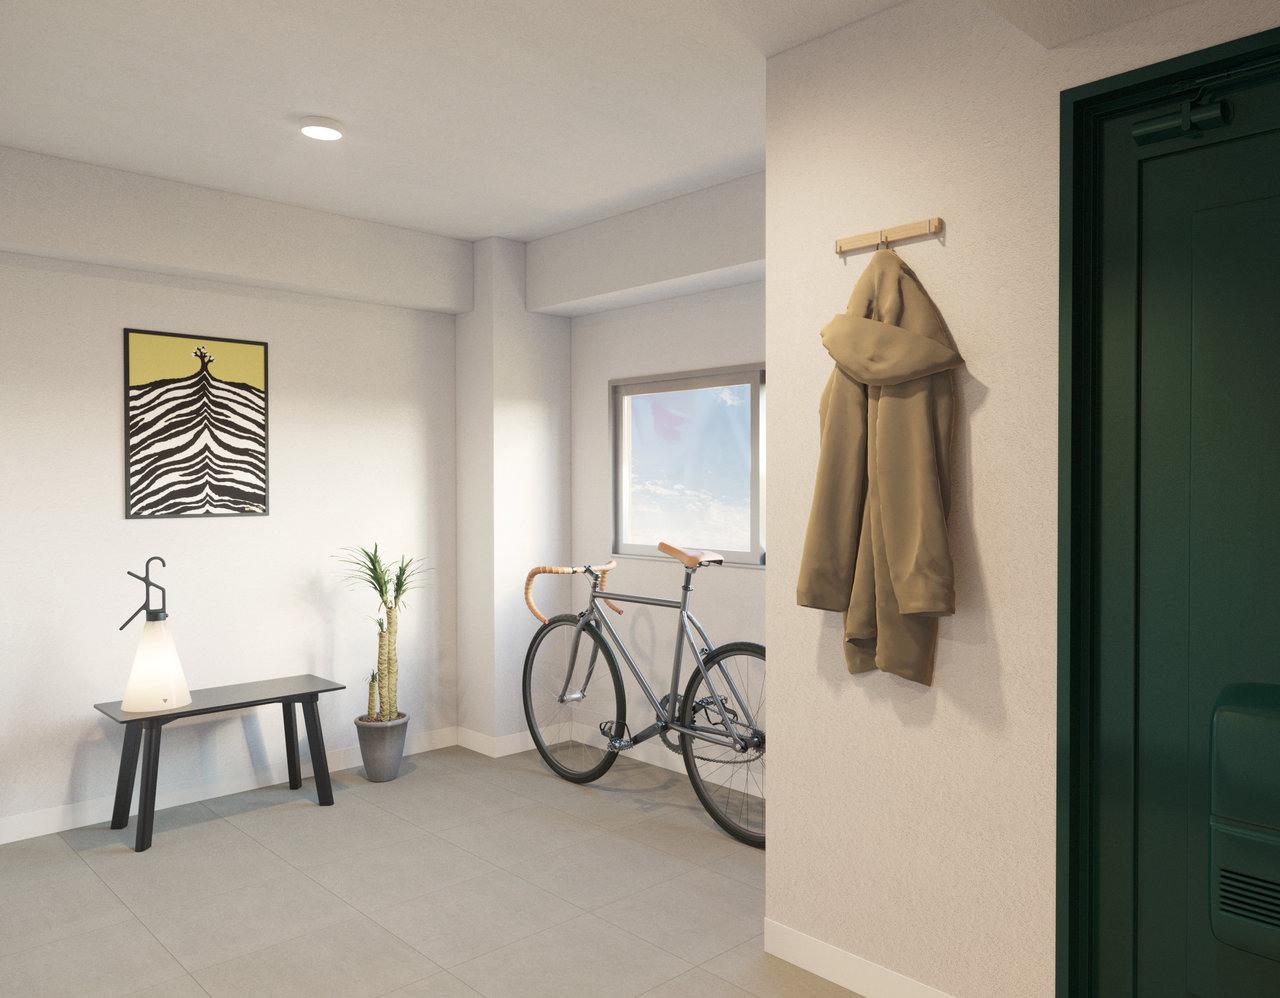 もう一つのポイントは、玄関を開けてすぐの場所にある、広い土間スペース。自転車を置いたり、アウトドア用品を置いたり。どんな使い方にしようか迷っちゃいますね。※画像はイメージです